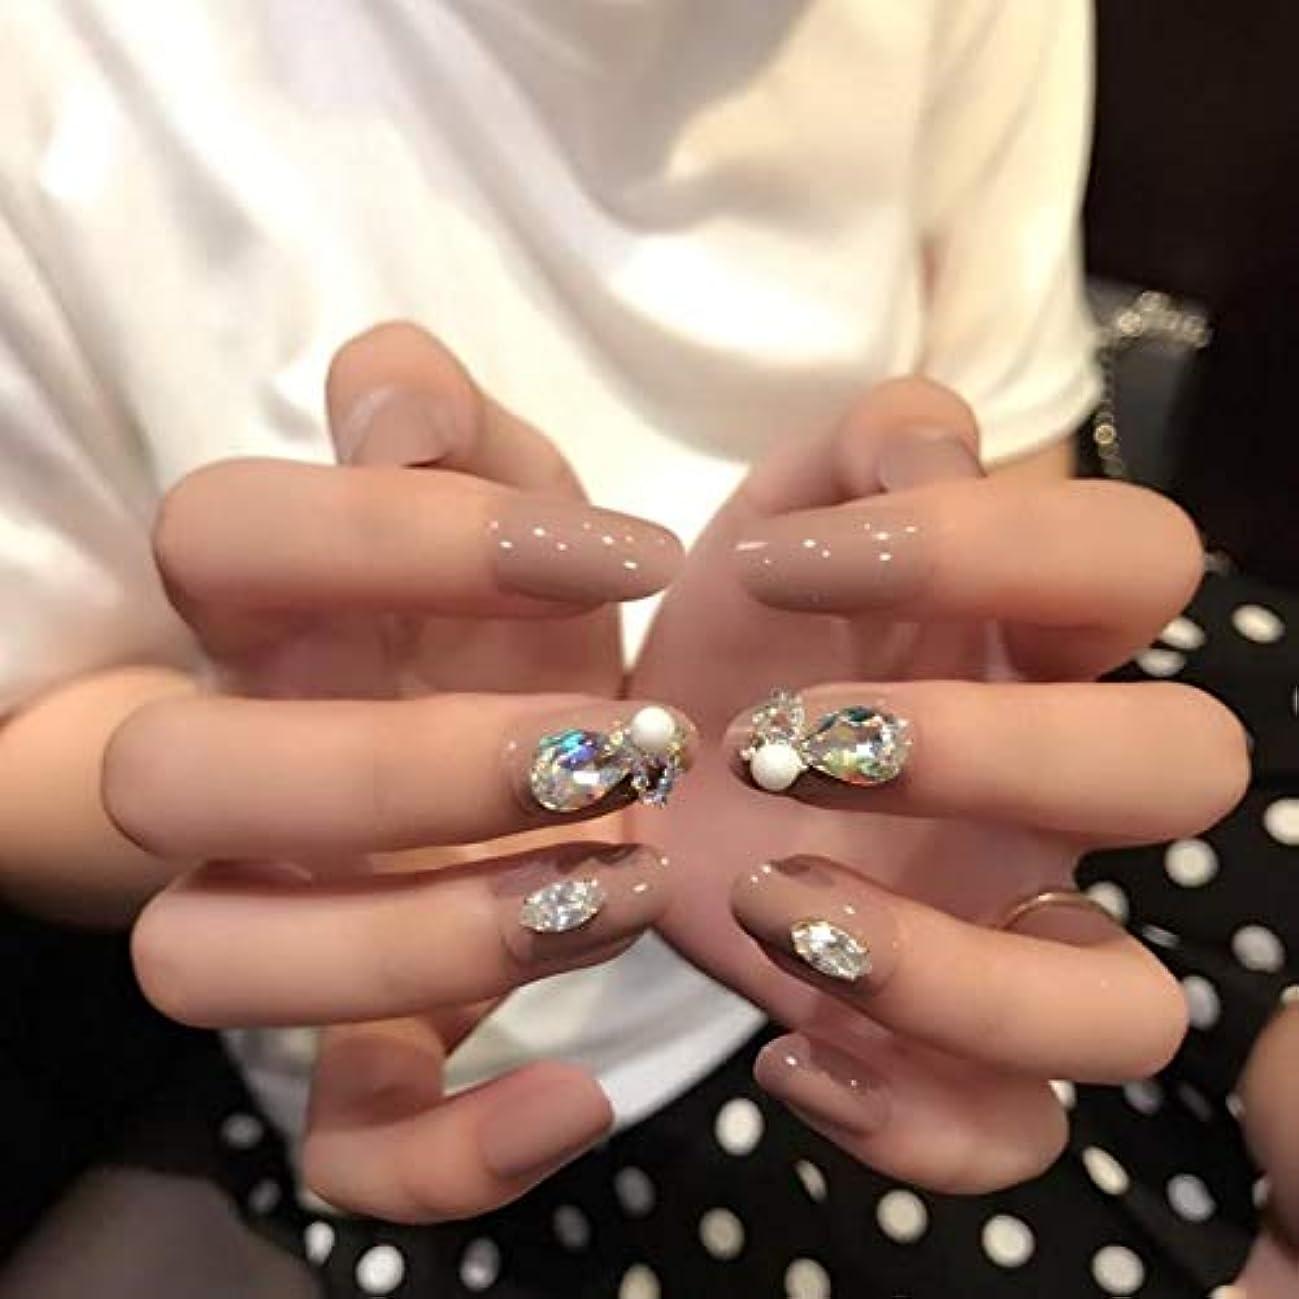 カテナ余分なディスパッチVALEN Nail Patch 3D ネイルチップ 人造ダイヤモンド 24枚入 原宿 和風 夢幻 和装 手作りネイルチップ 結婚式ネイルチップ